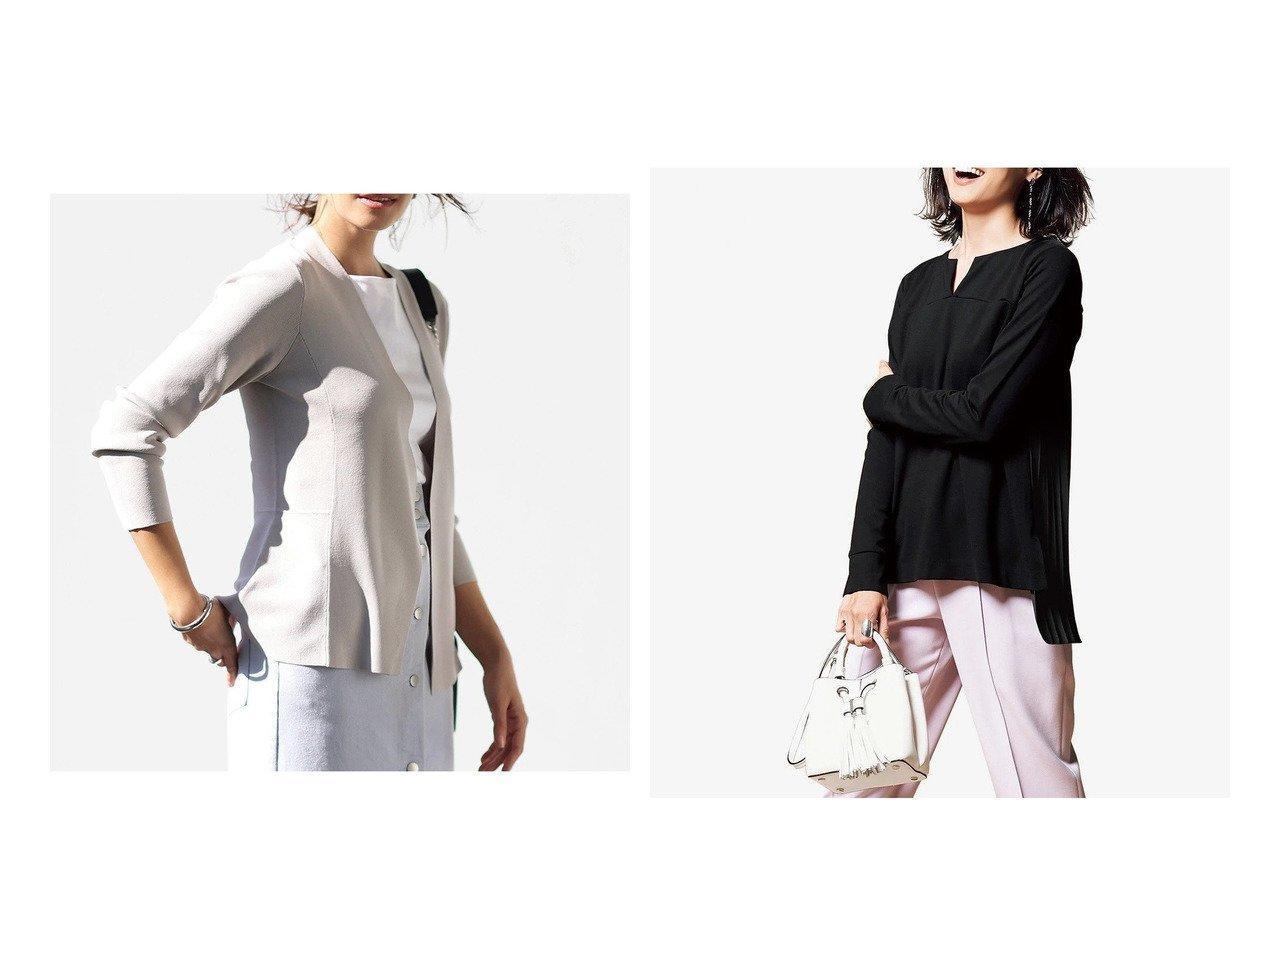 【DoCLASSE/ドゥクラッセ】の総針編み・着流しペプラムカーディガン&ストレッチポンチ・バックプリーツトップス ドゥクラッセの40代、50代の方におすすめ!人気トレンド・ファッションの通販 おすすめで人気の流行・トレンド、ファッションの通販商品 メンズファッション・キッズファッション・インテリア・家具・レディースファッション・服の通販 founy(ファニー) https://founy.com/ ファッション Fashion レディースファッション WOMEN トップス カットソー Tops Tshirt カーディガン Cardigans カーディガン ペプラム フェミニン プリーツ |ID:crp329100000021618